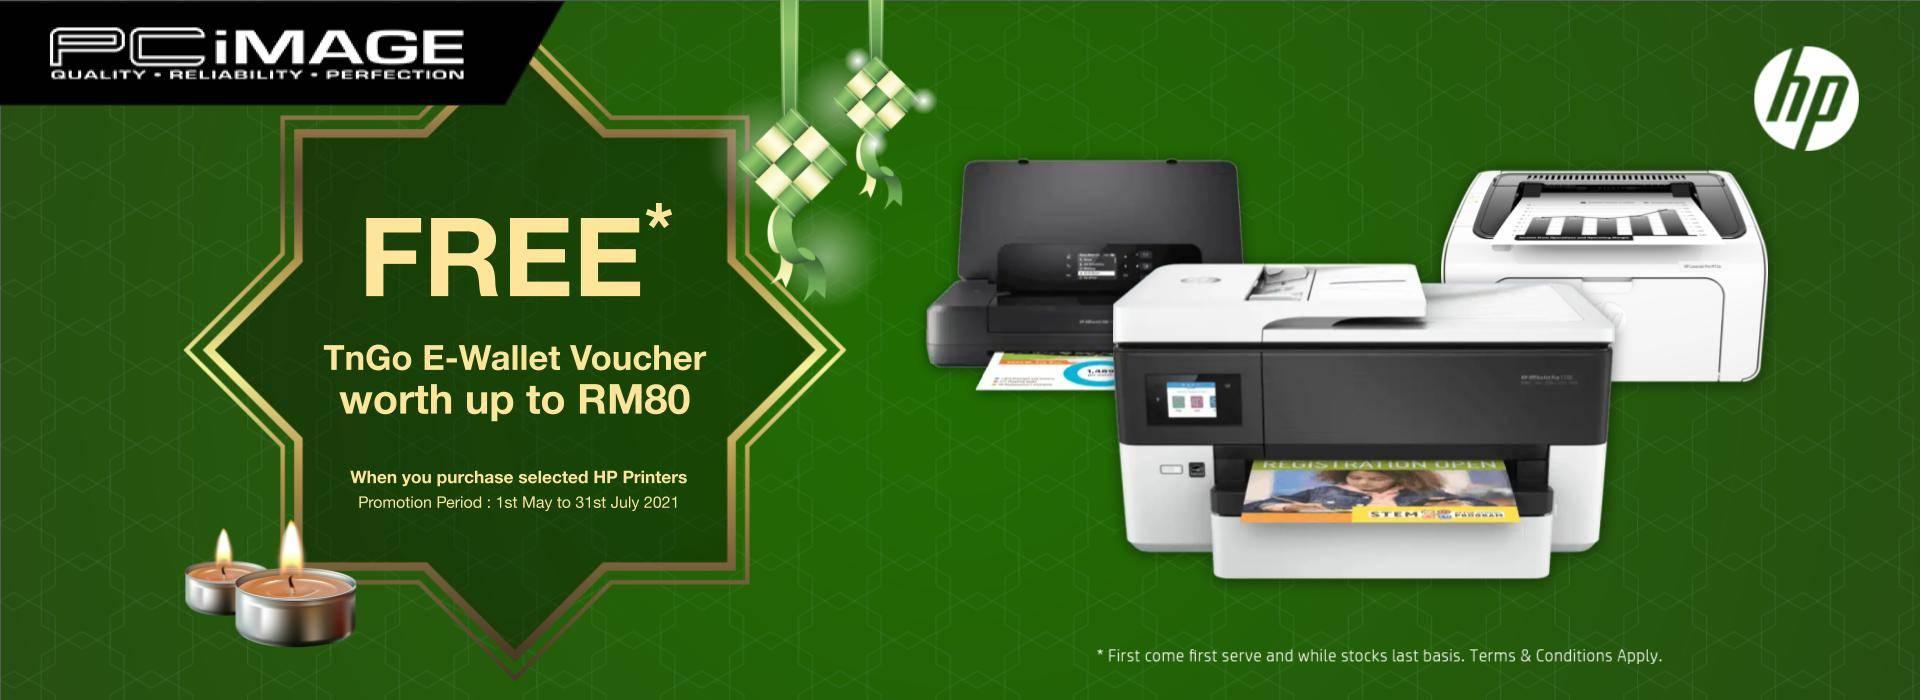 HP Print Reward 31 Jul